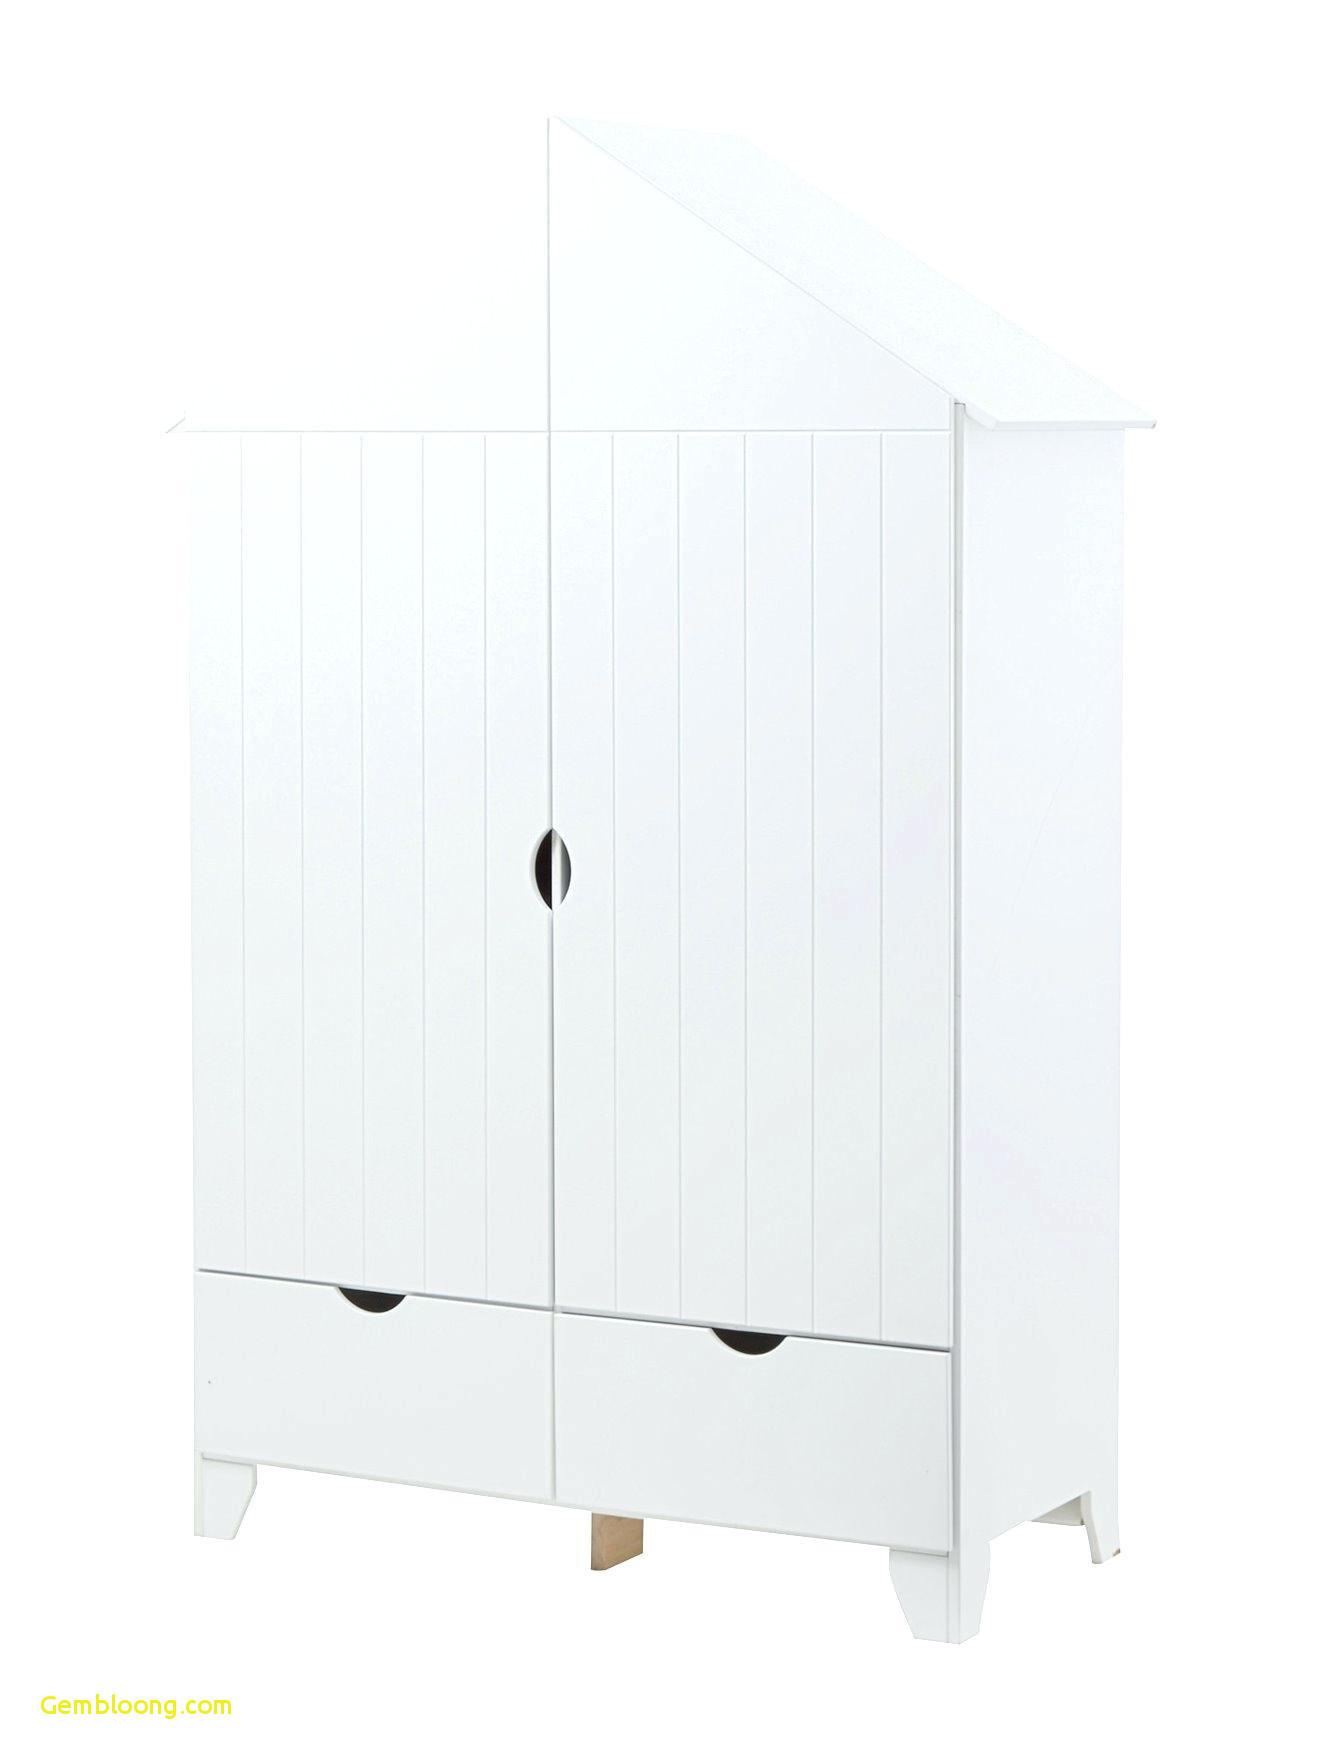 meuble rangement design armoire basse pas cher frais elegant armoire rangement tissu of meuble rangement design